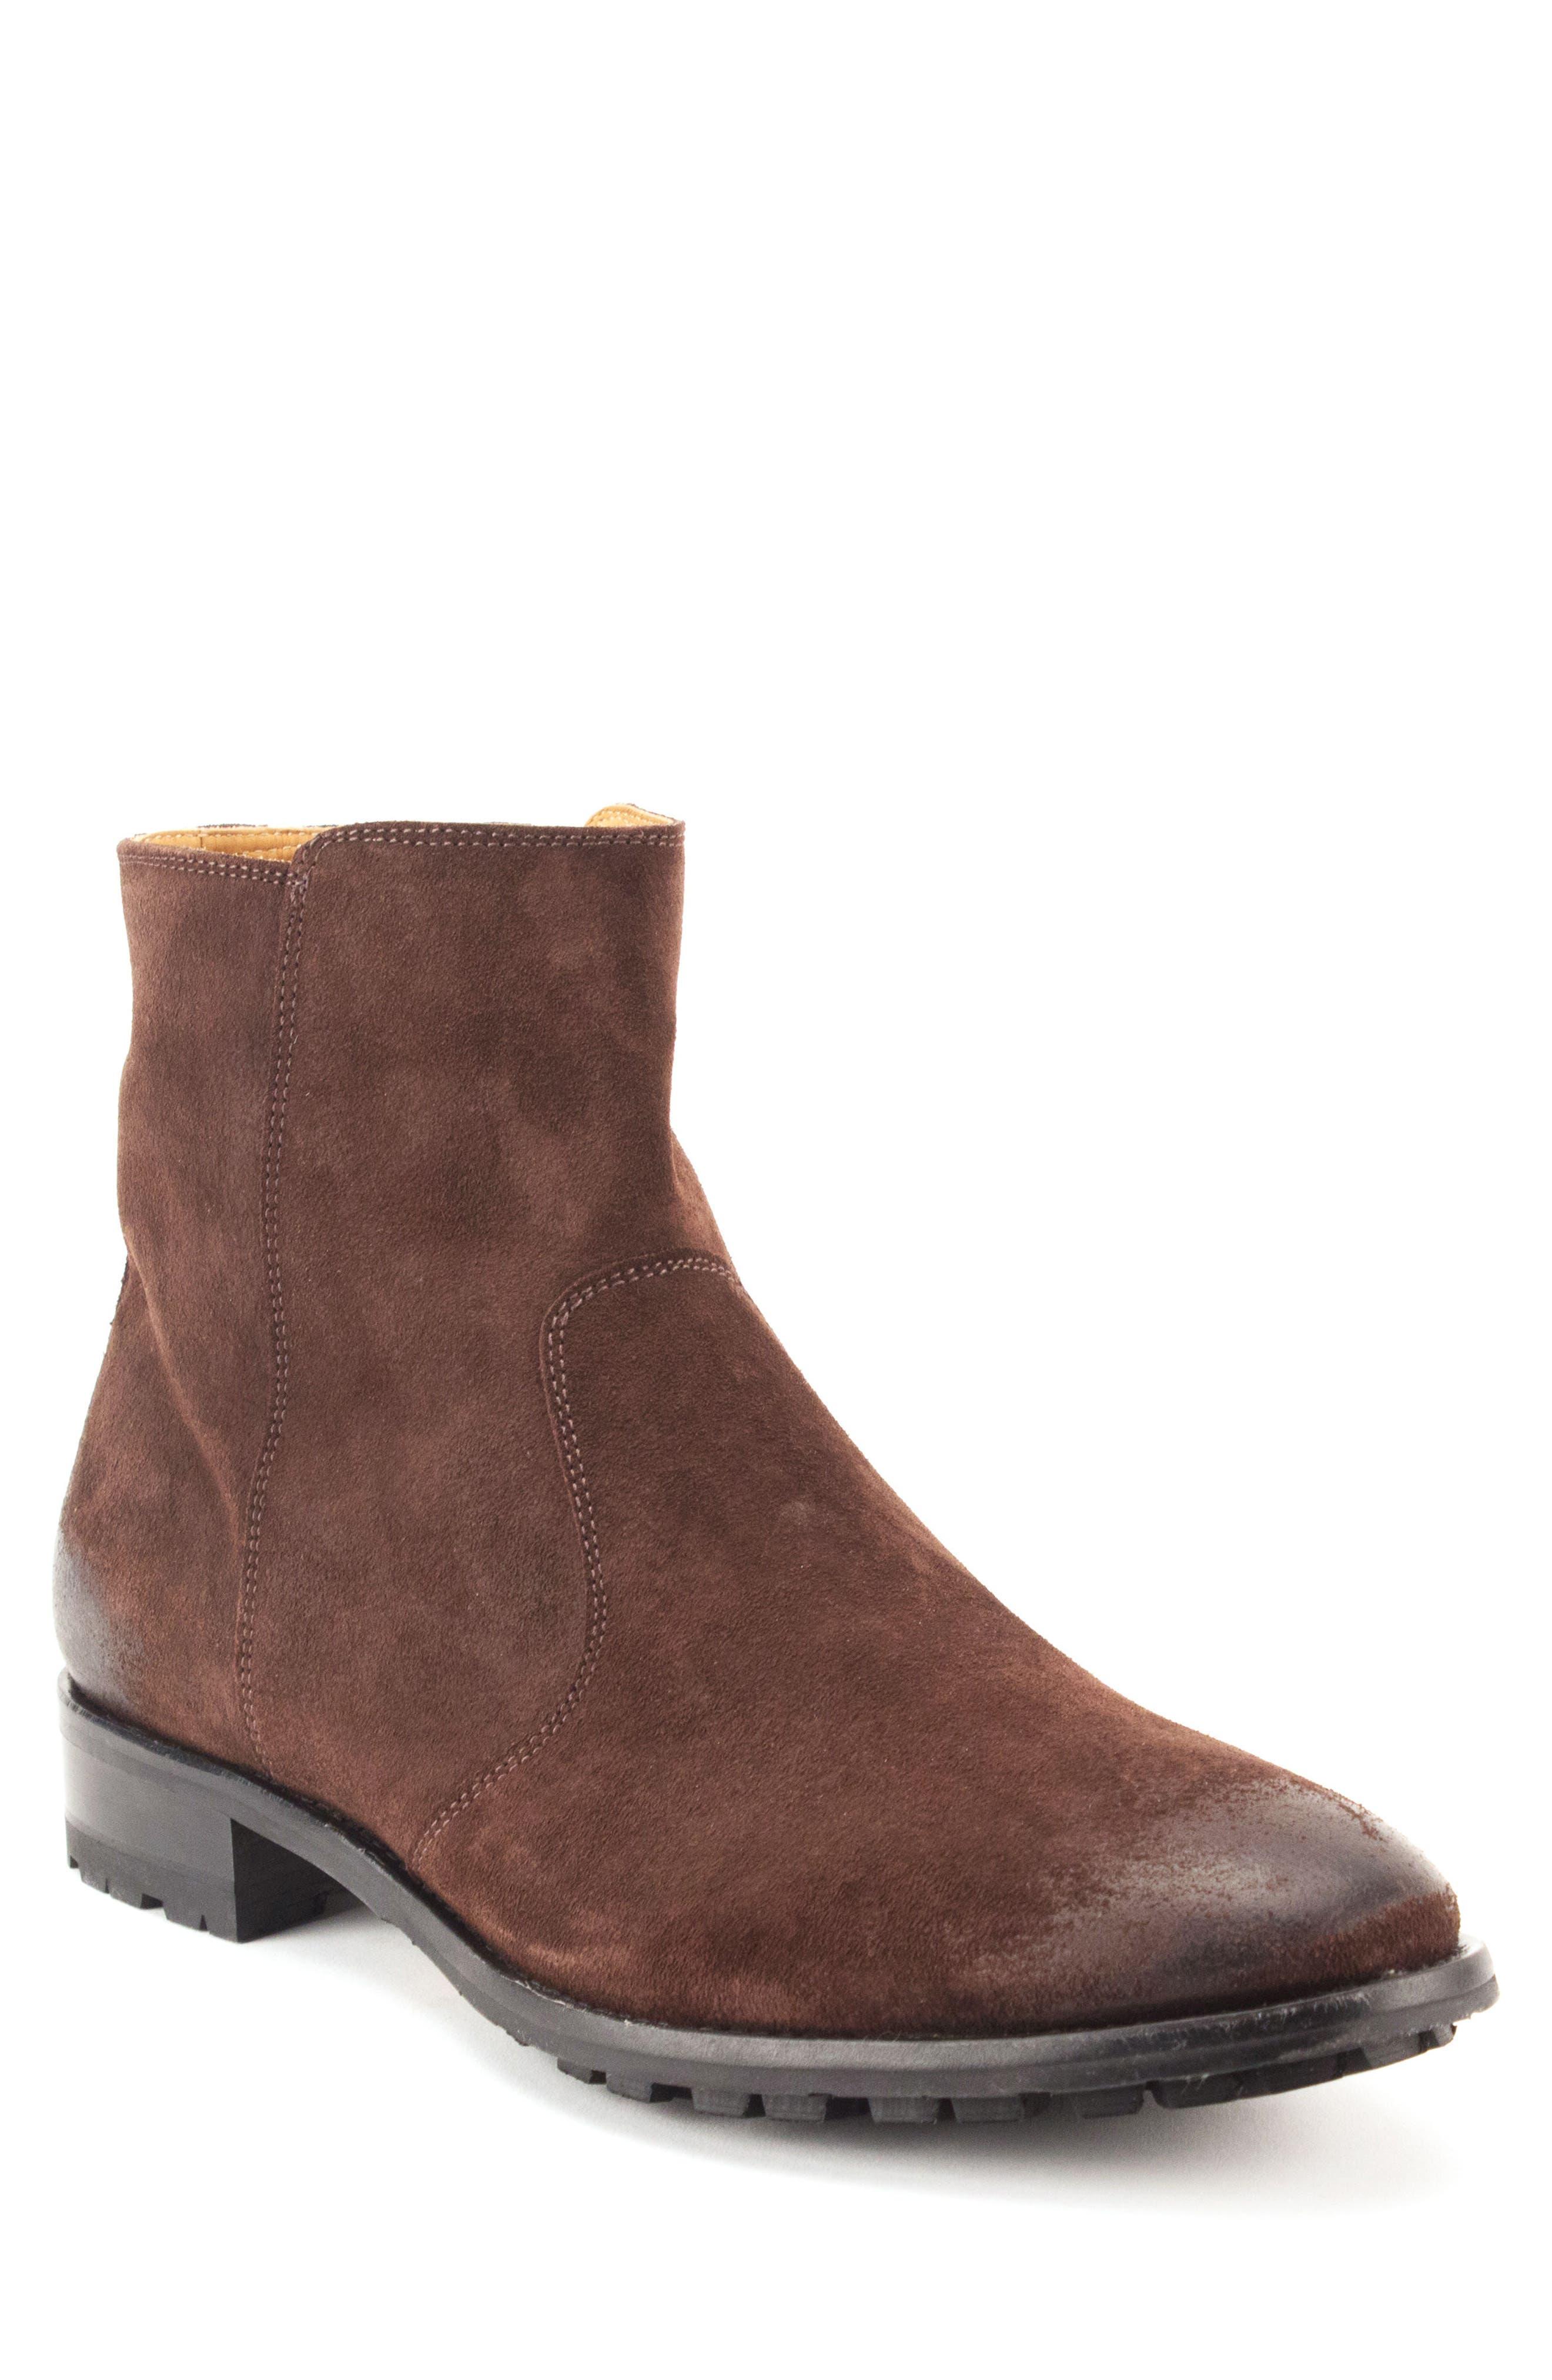 Alternate Image 1 Selected - Gordon Rush Roberts Zip Boot (Men)